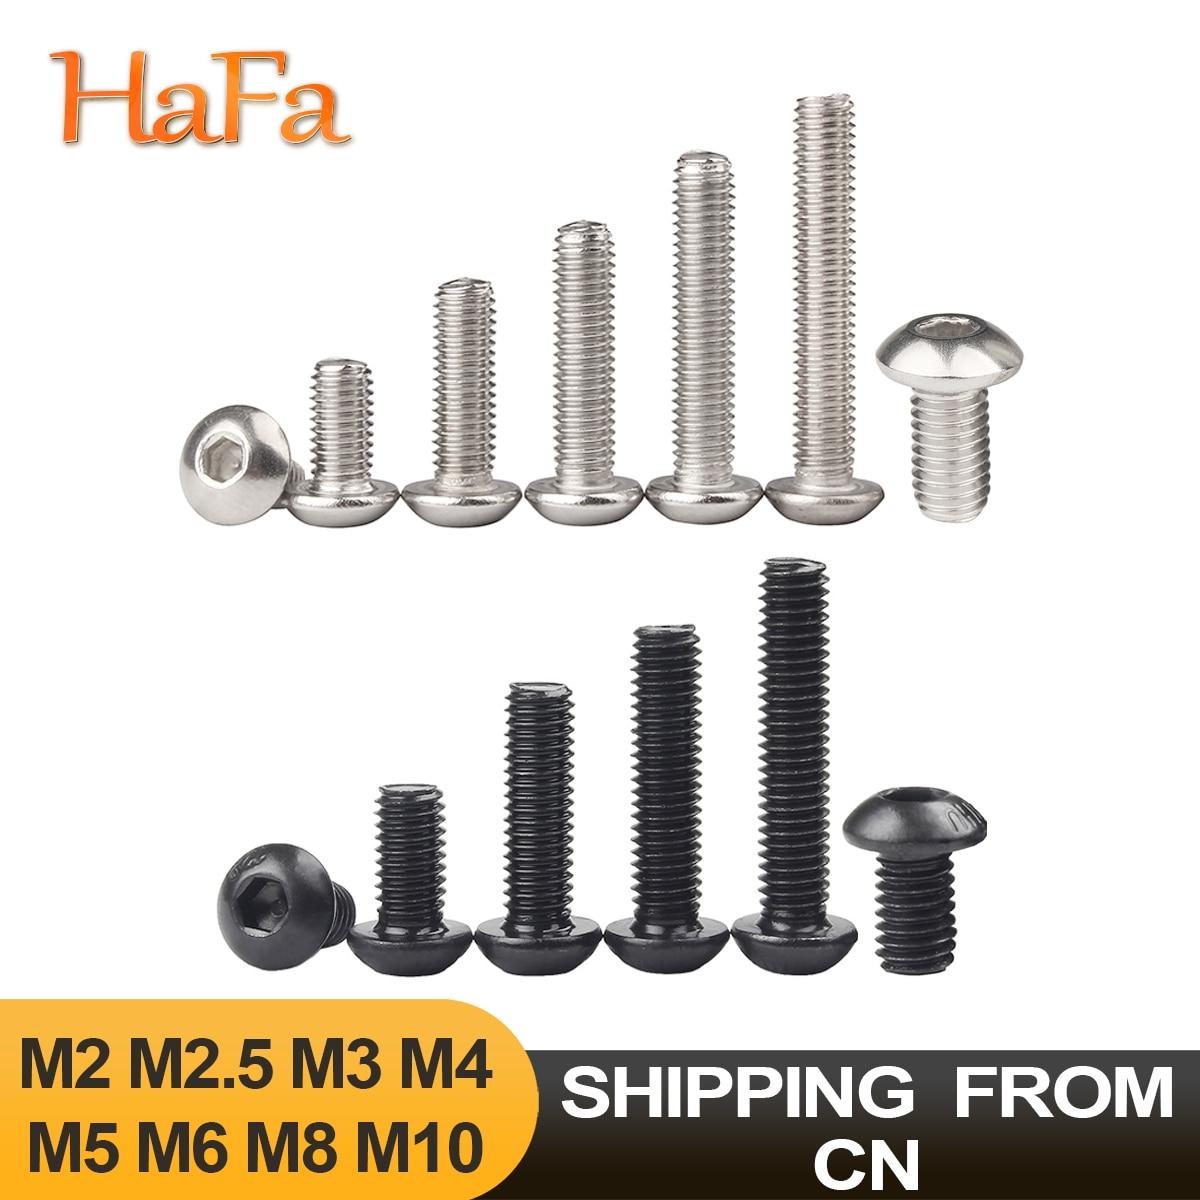 5-50 шт. винты с шестигранной головкой ISO7380 304 нержавеющая сталь/черный 10,9 класс M2 M2.5 M3 M4 M5 M6 M8 M10